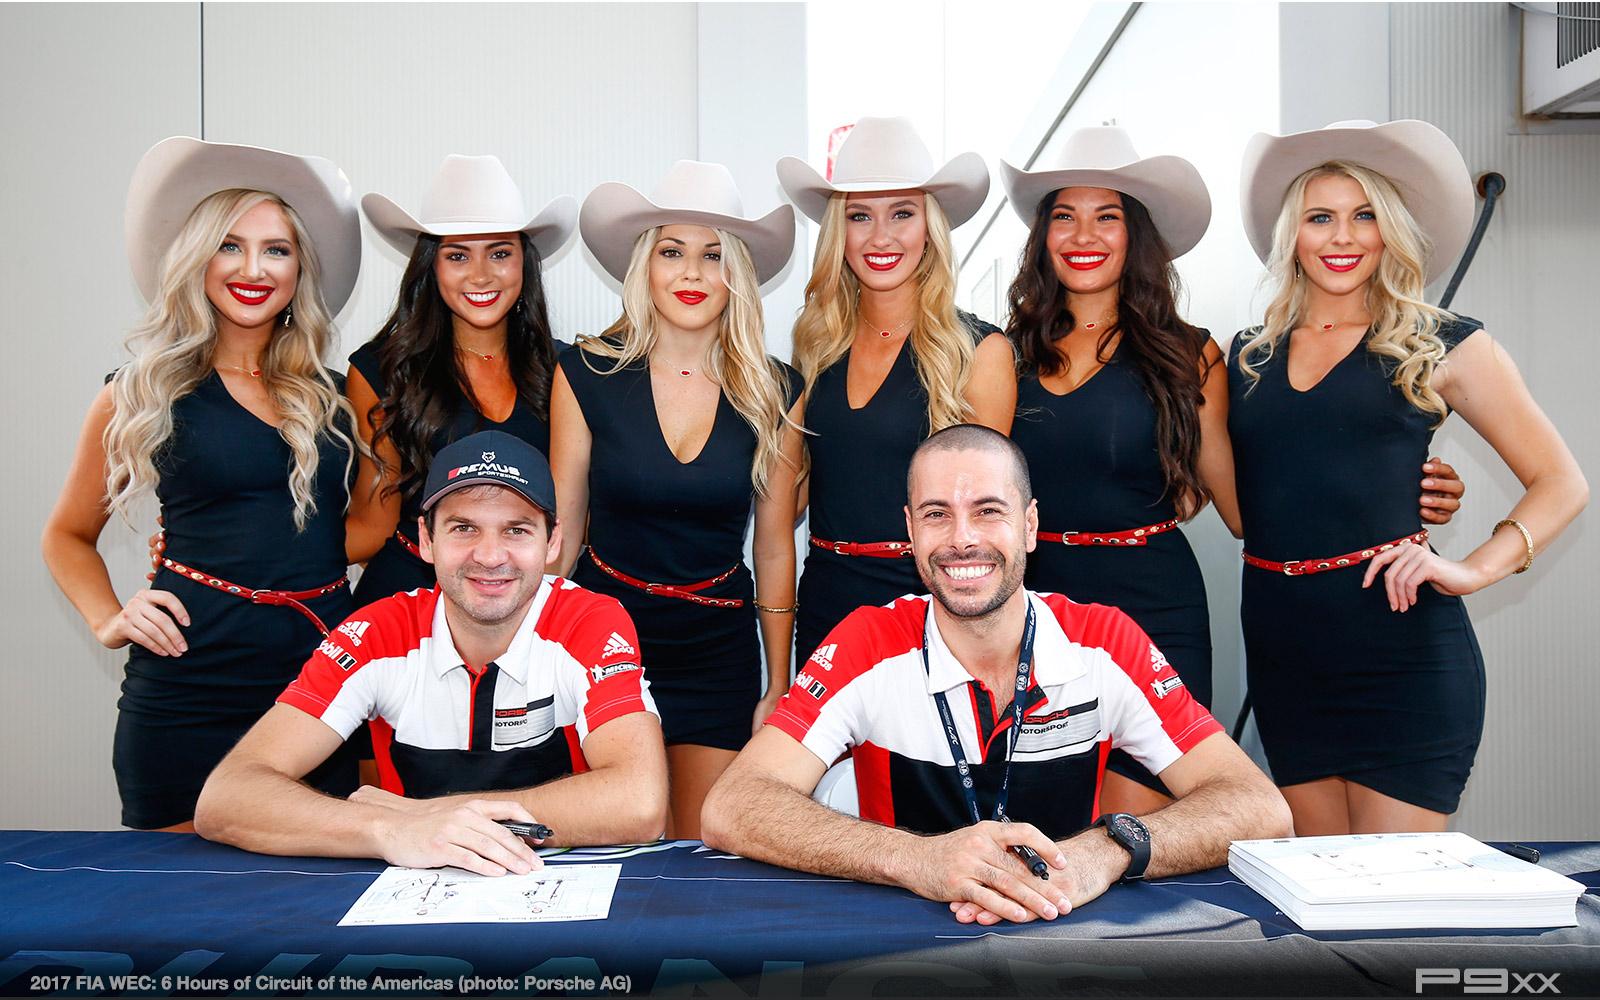 2017-FIA-WEC-6-HOURS-OF-COTA-PORSCHE-442